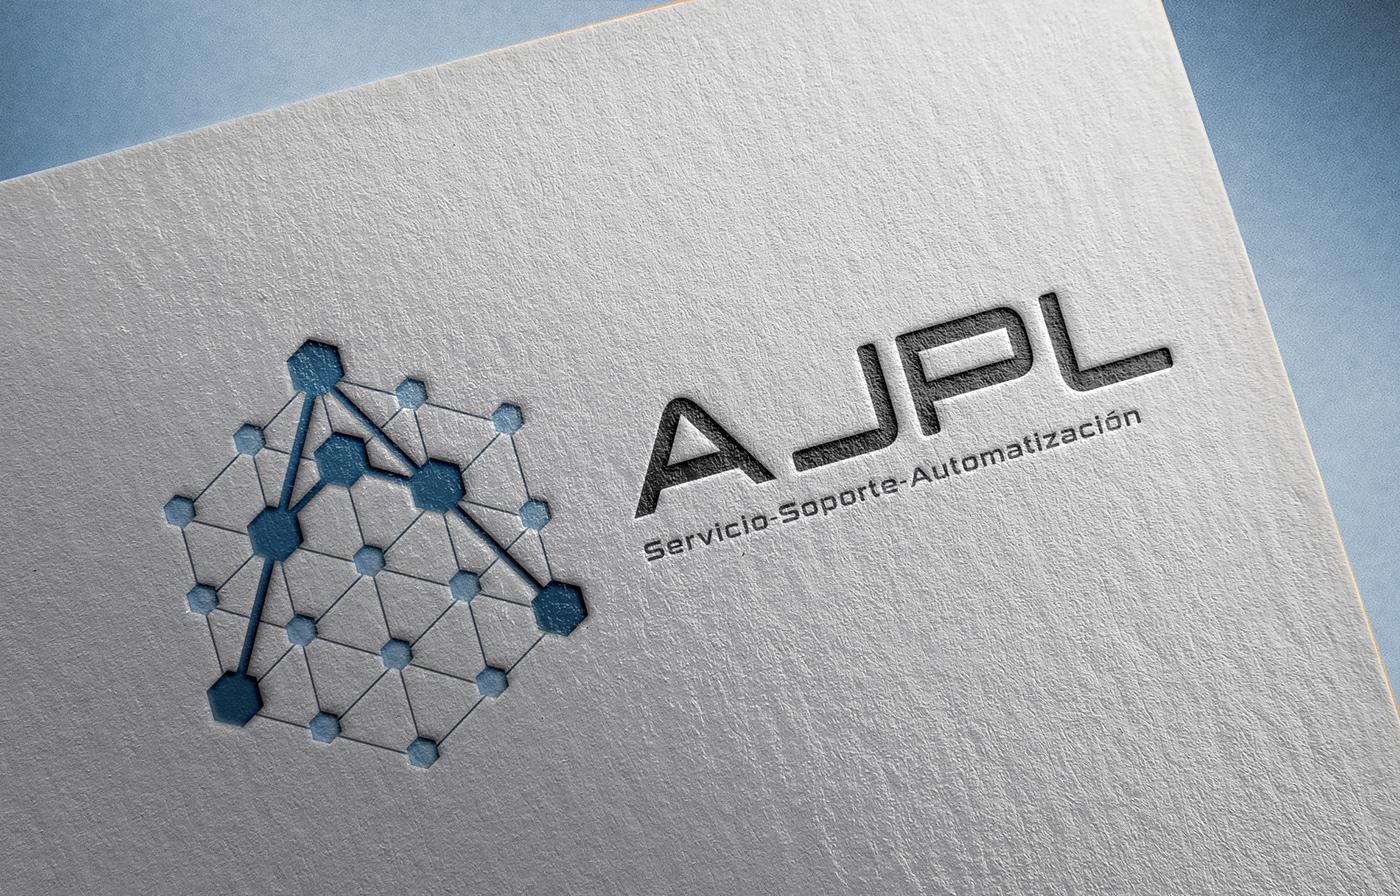 diseño diseño gráfico imagotipo logo Logotipo